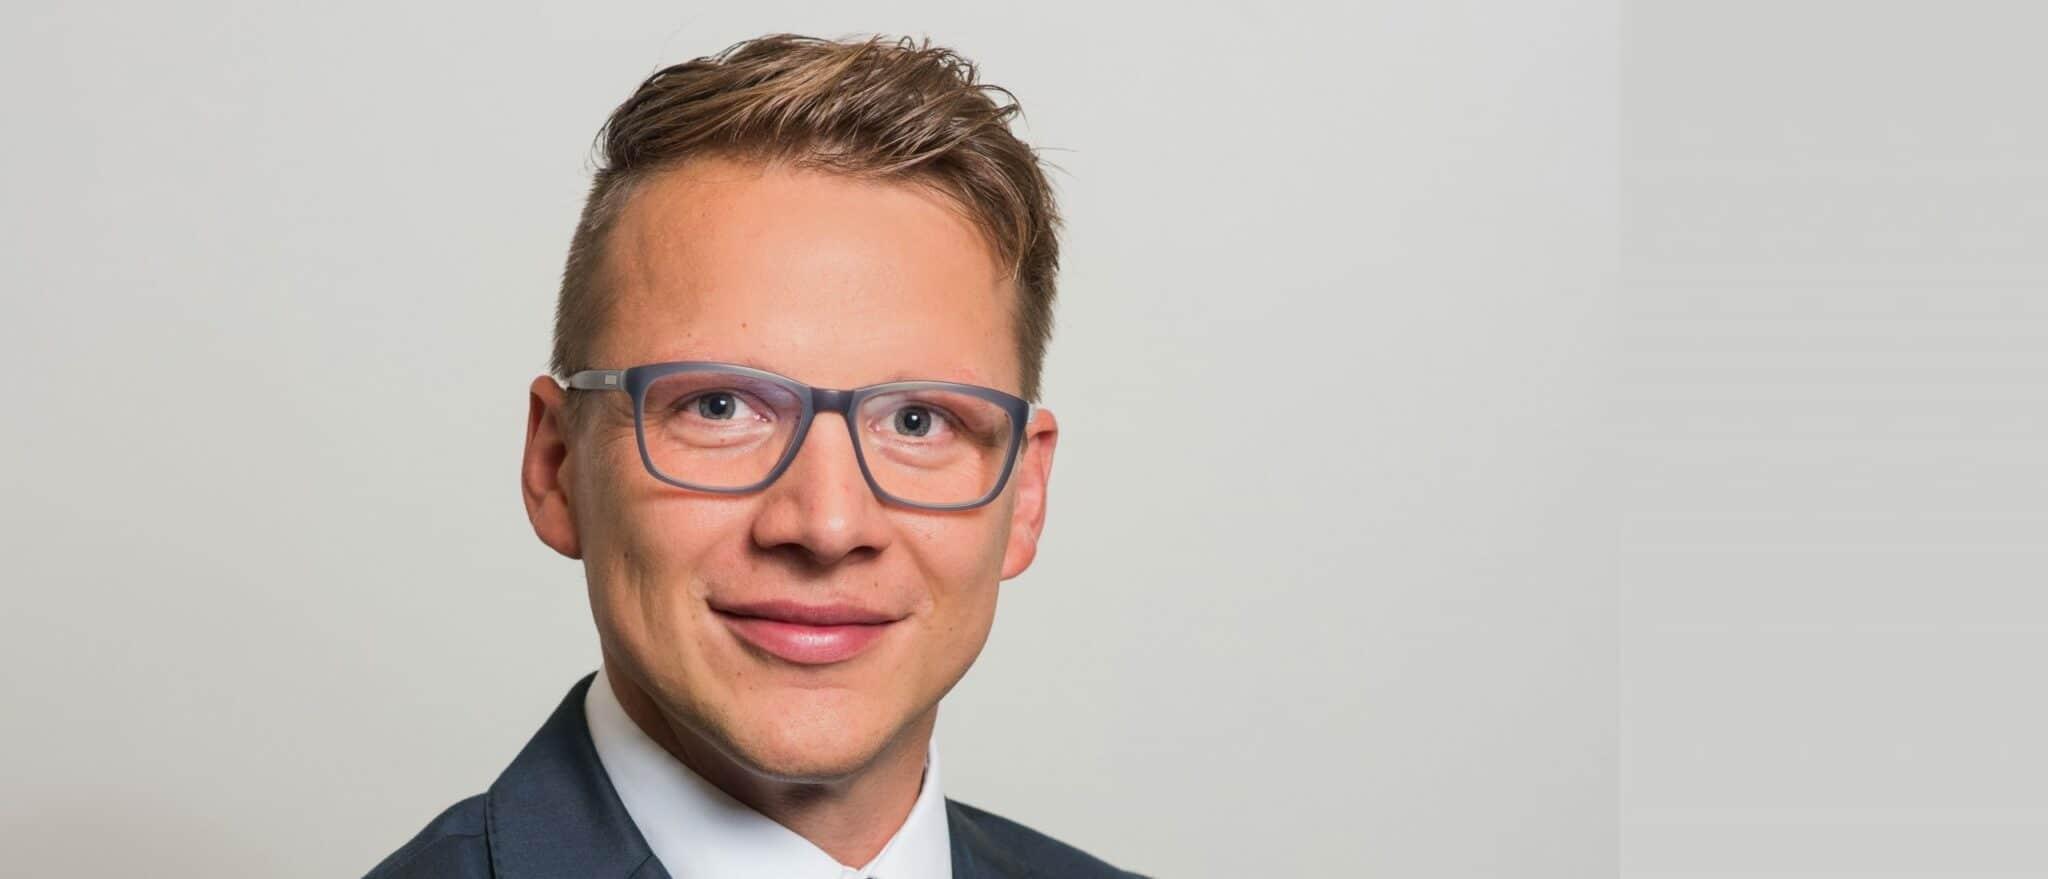 Zu sehen ist Prokurist Karsten Stüber vom Träger Diako Thüringen, der im Interview über Arbeitszeitmodelle in der Pflege und Digitalisierung in der Pflege spricht.